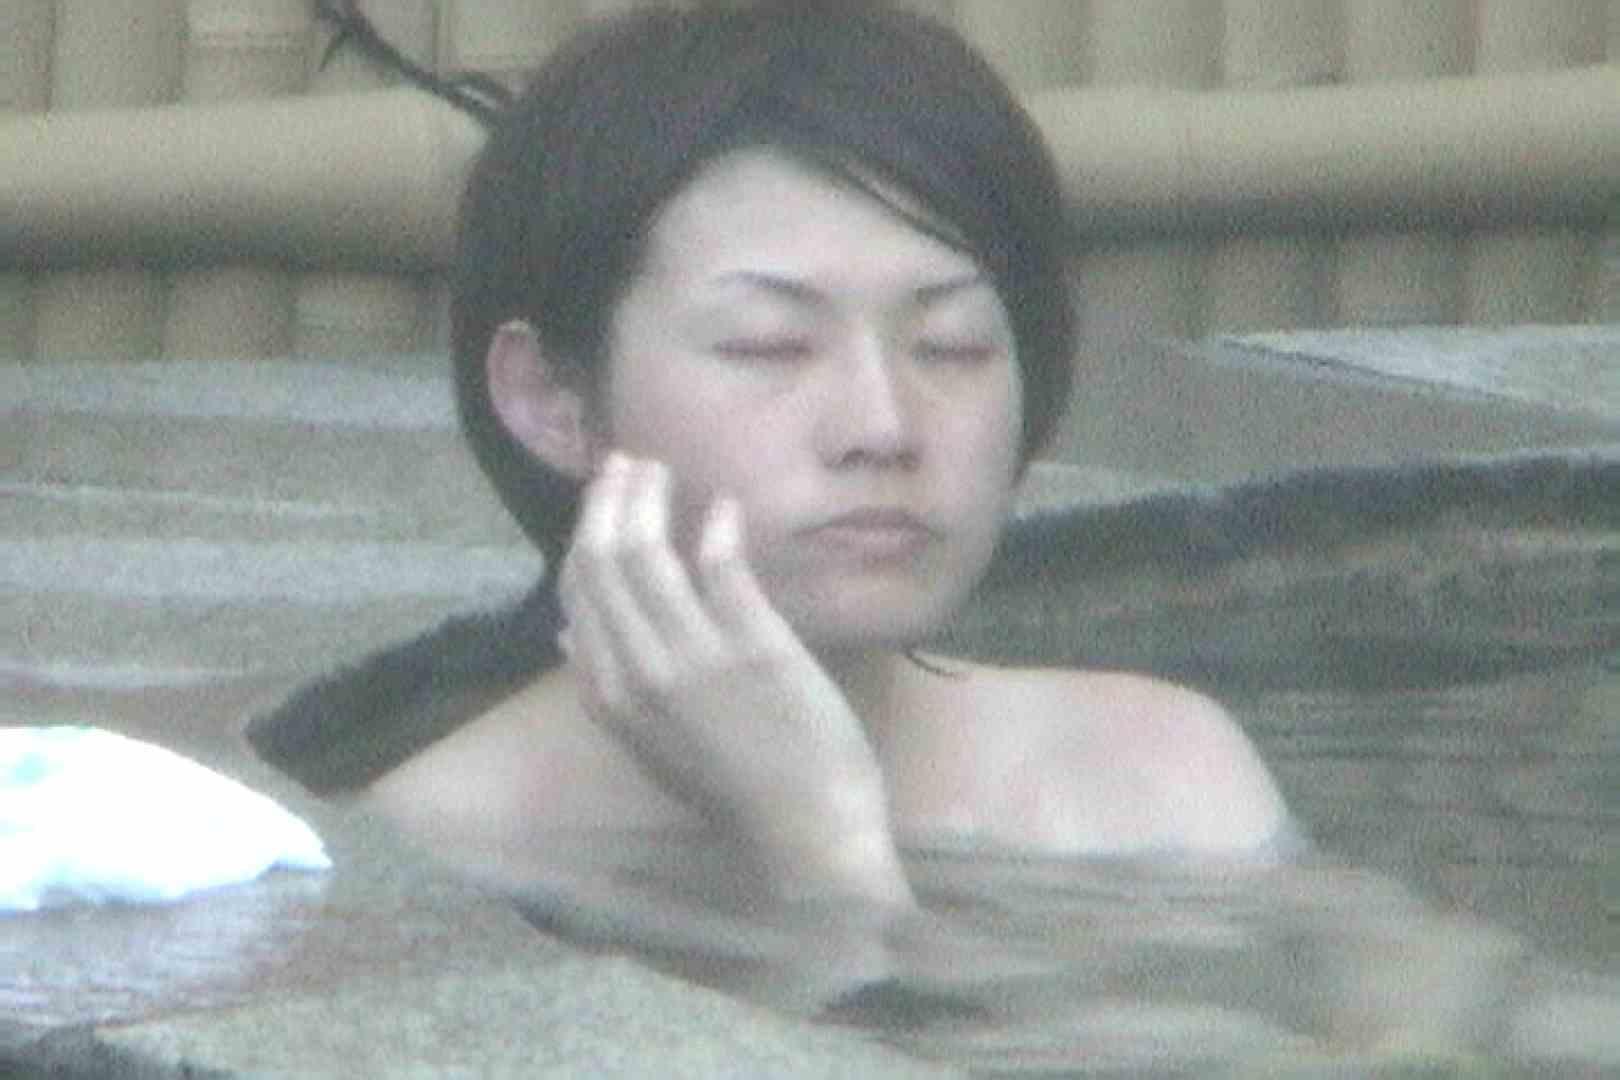 Aquaな露天風呂Vol.100【VIP限定】 盗撮   露天  98pic 28